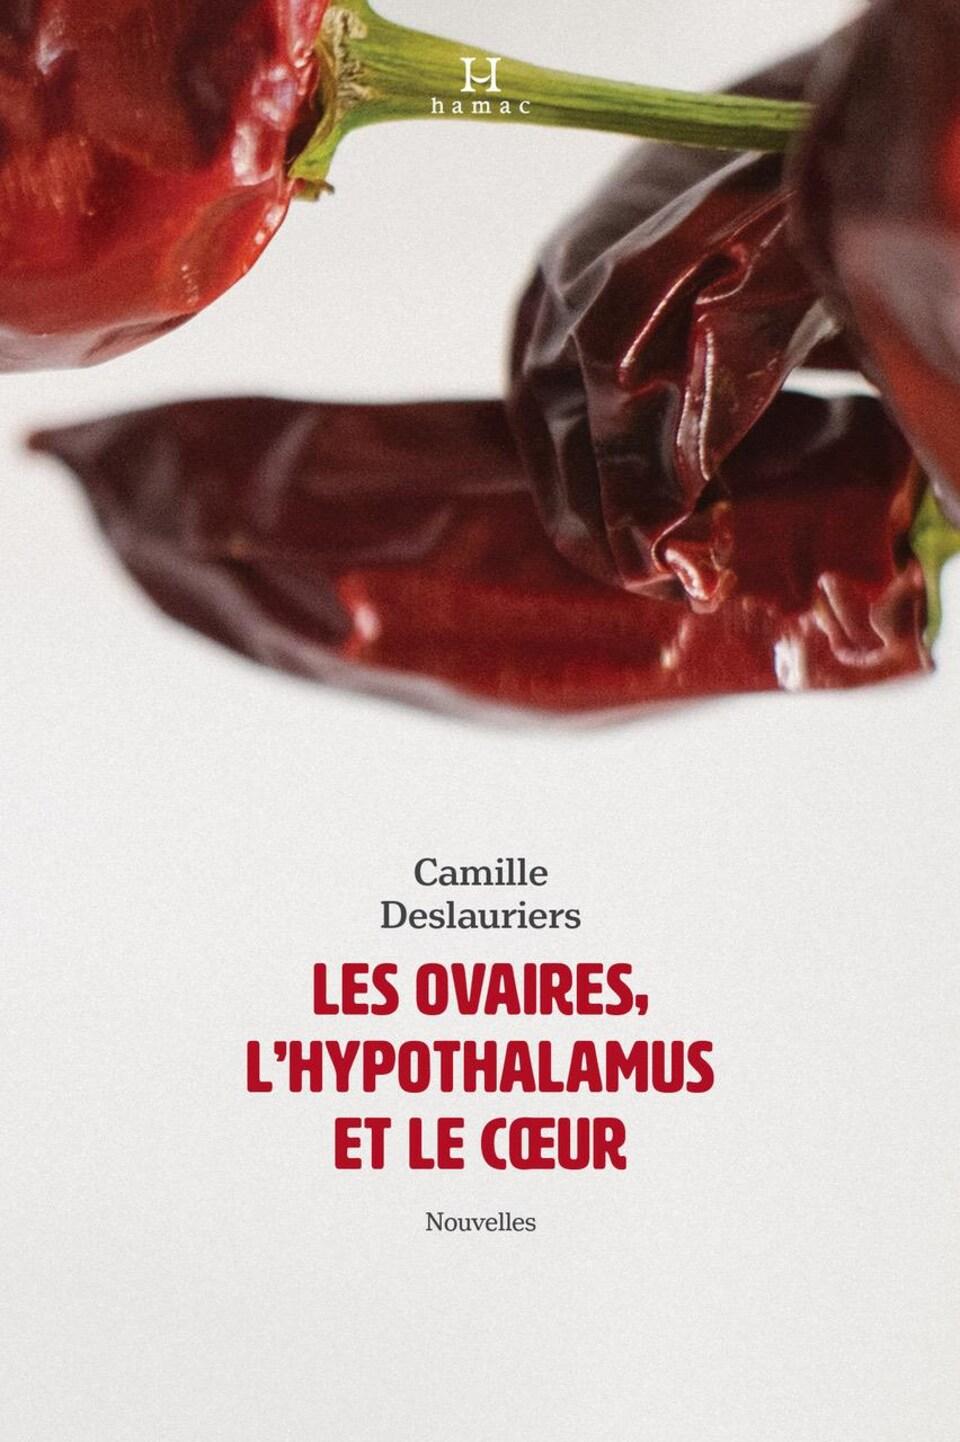 Couverture du livre de Camille Deslauriers